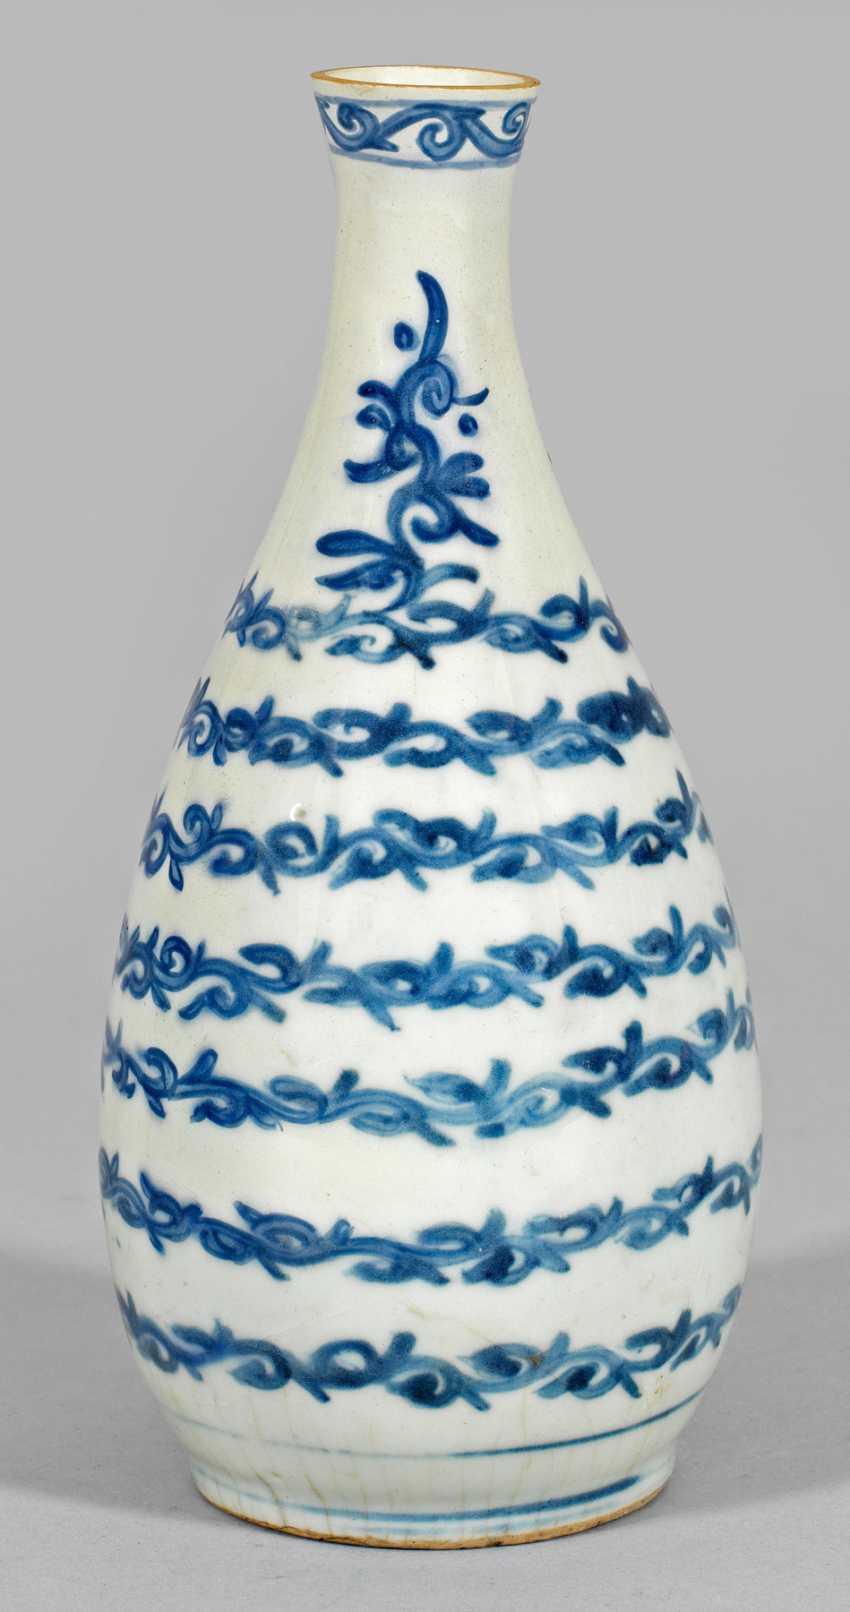 Blue And White Bottle Vase - photo 1